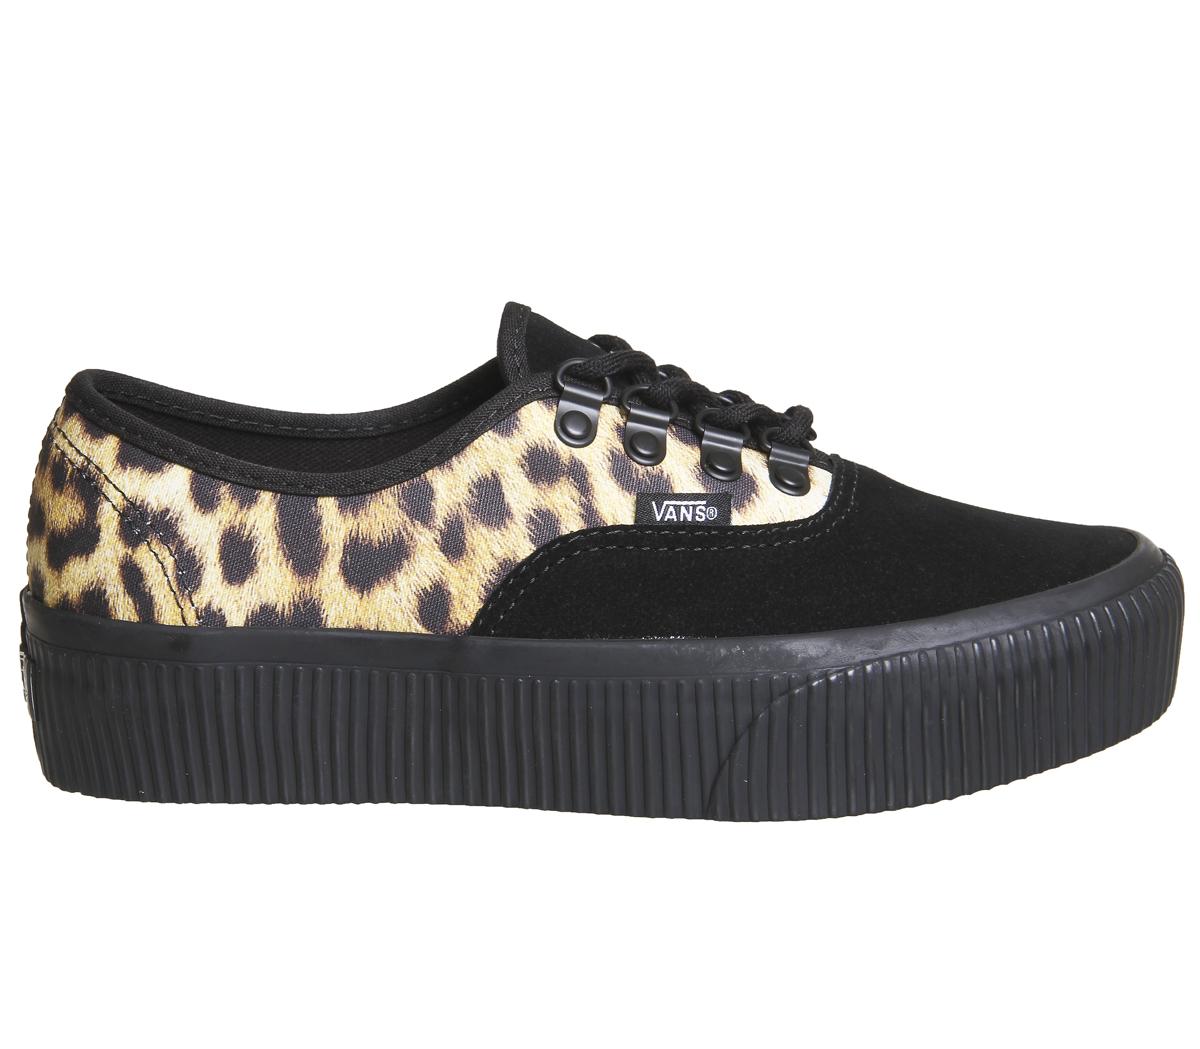 7930b9bde61 Womens Vans Authentic Platform Trainers BLACK LEOPARD Trainers Shoes ...